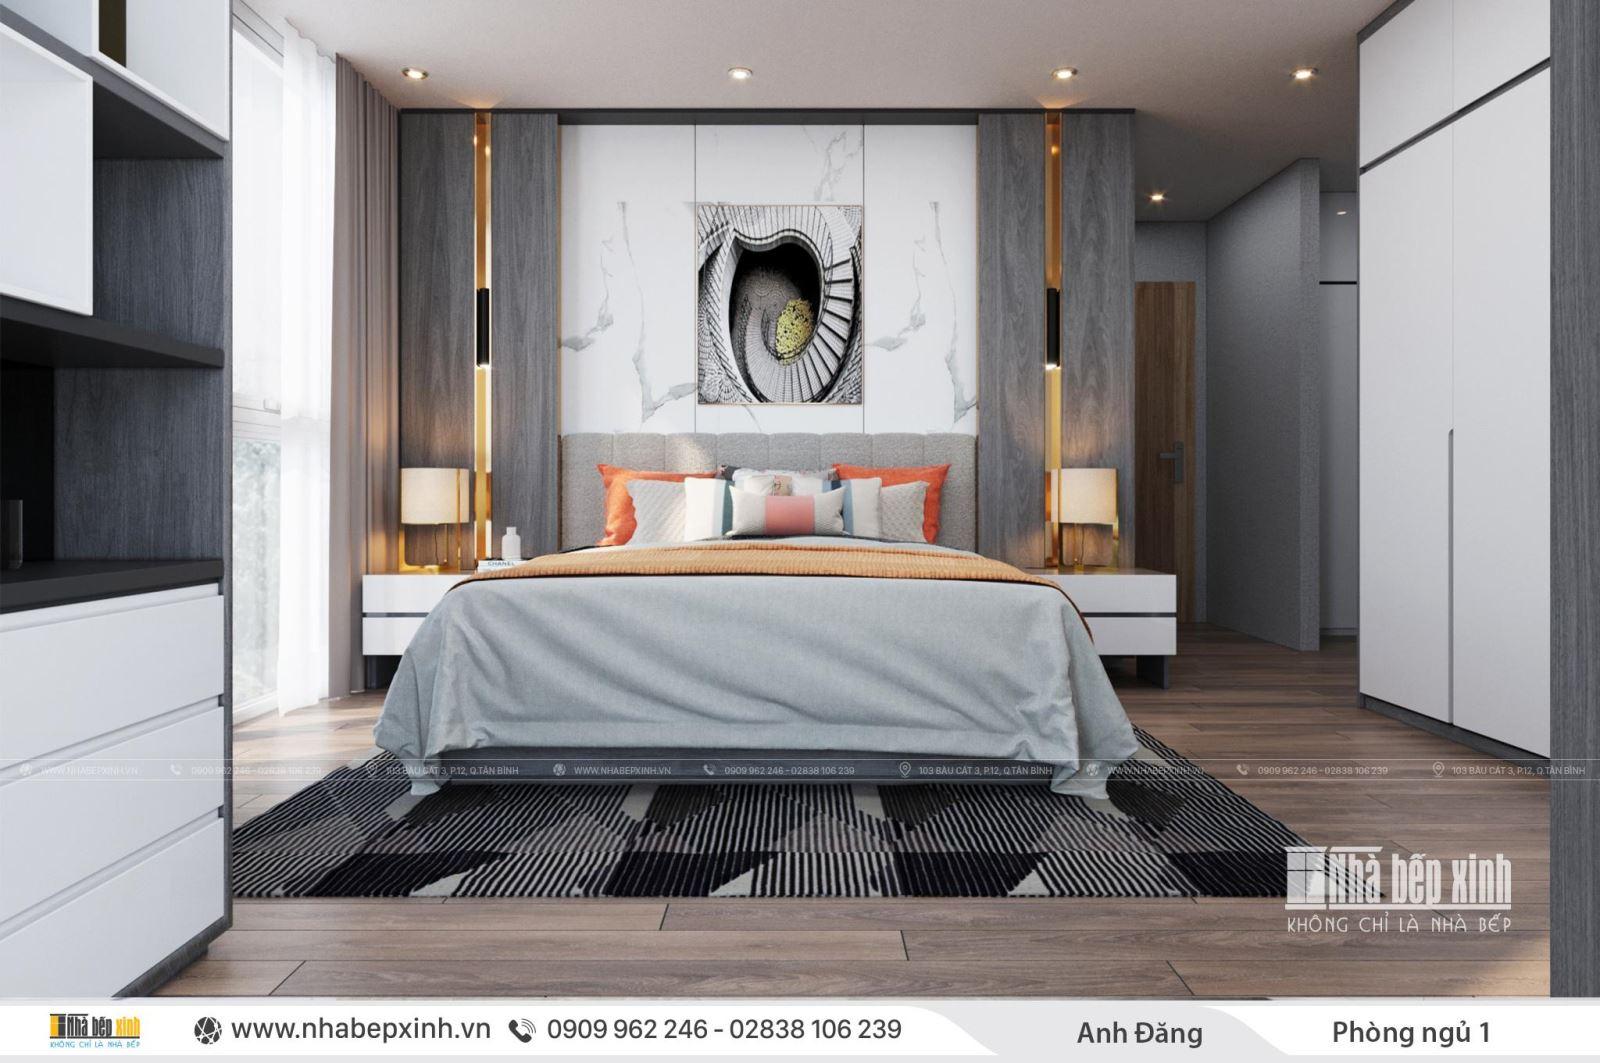 Thiết kế nội thất phòng ngủ hiện đại tiện nghi tại quận Bình Thạnh